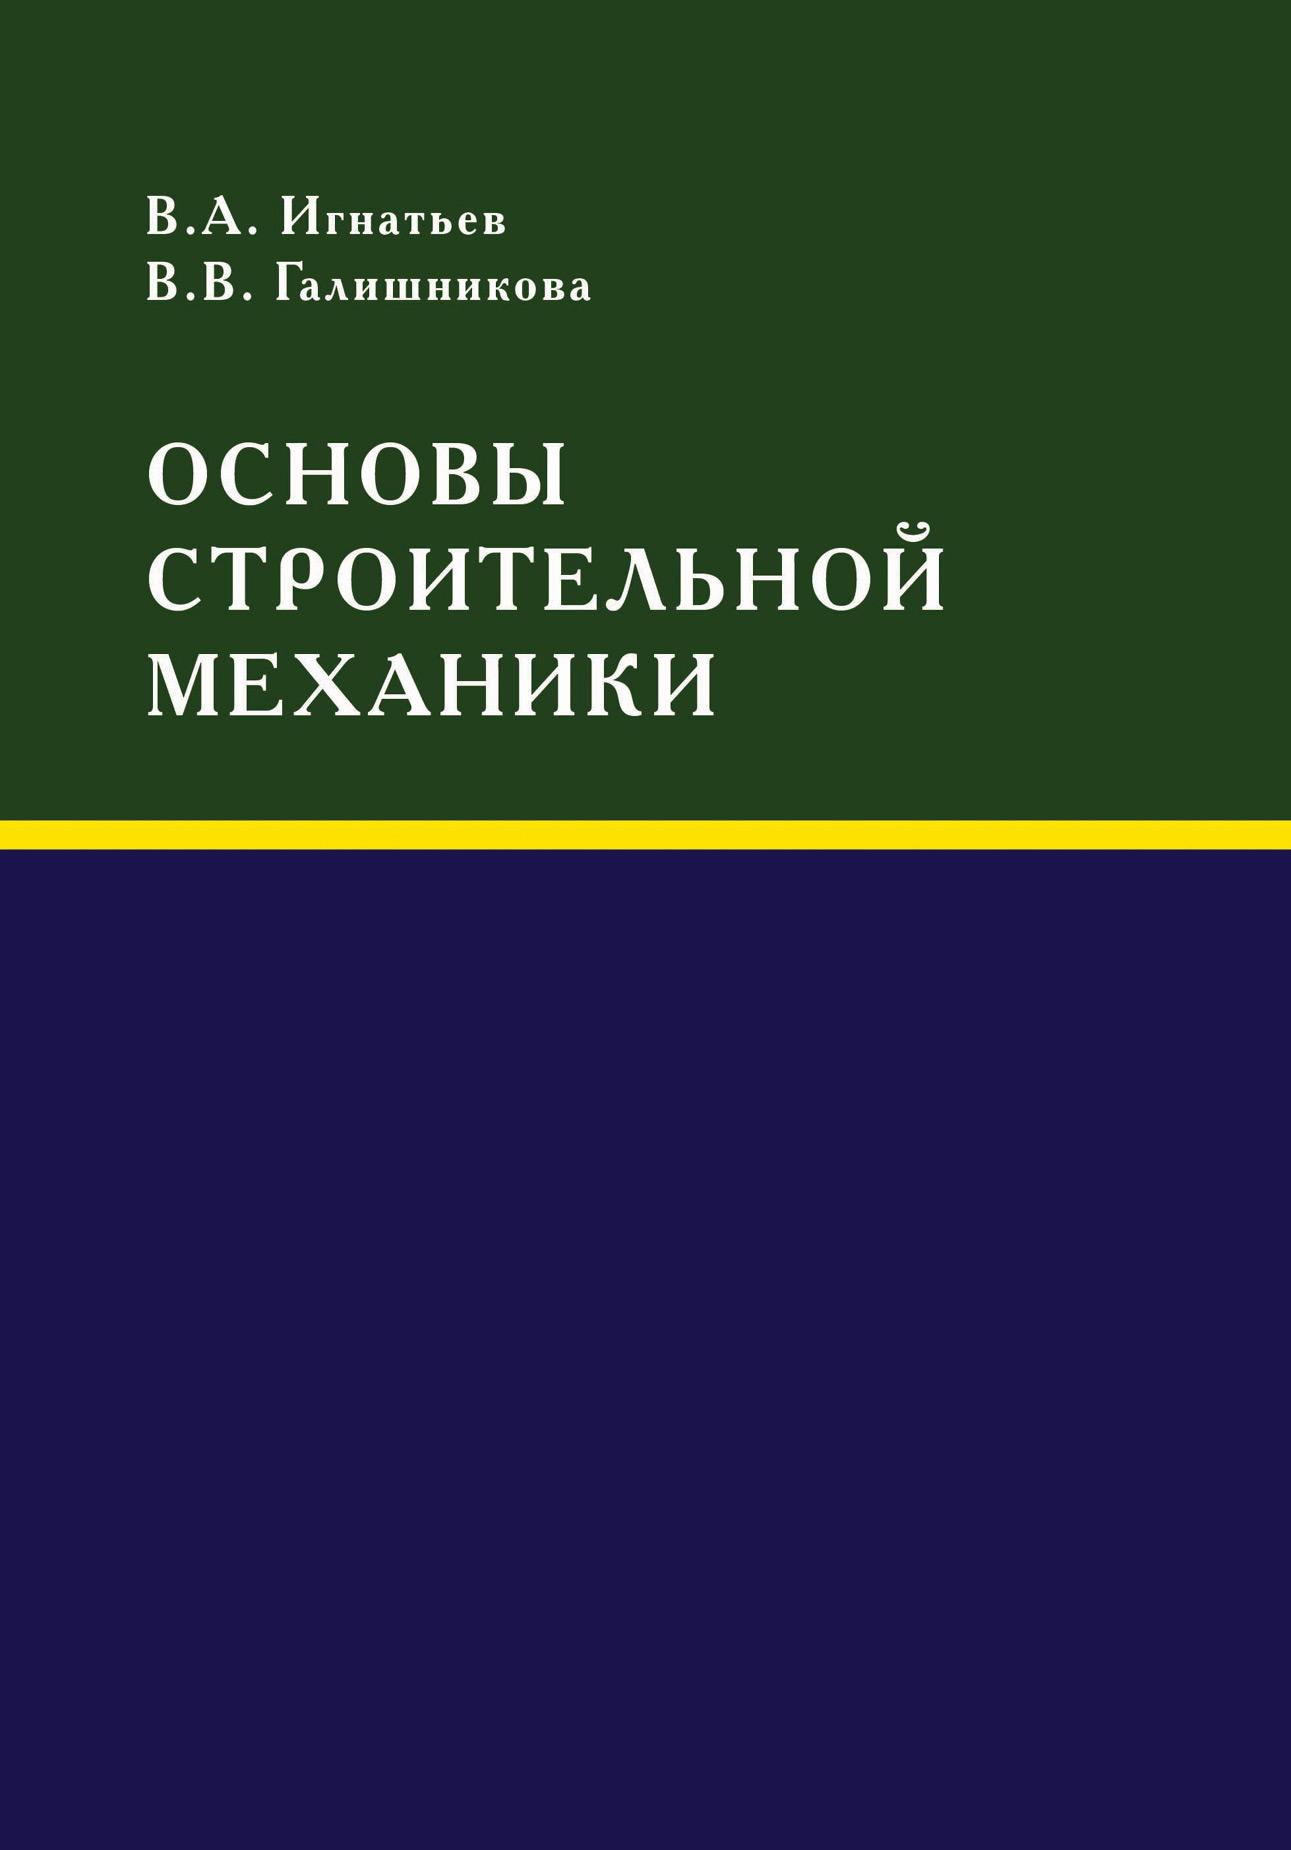 В. В. Галишникова Основы строительной механики цена